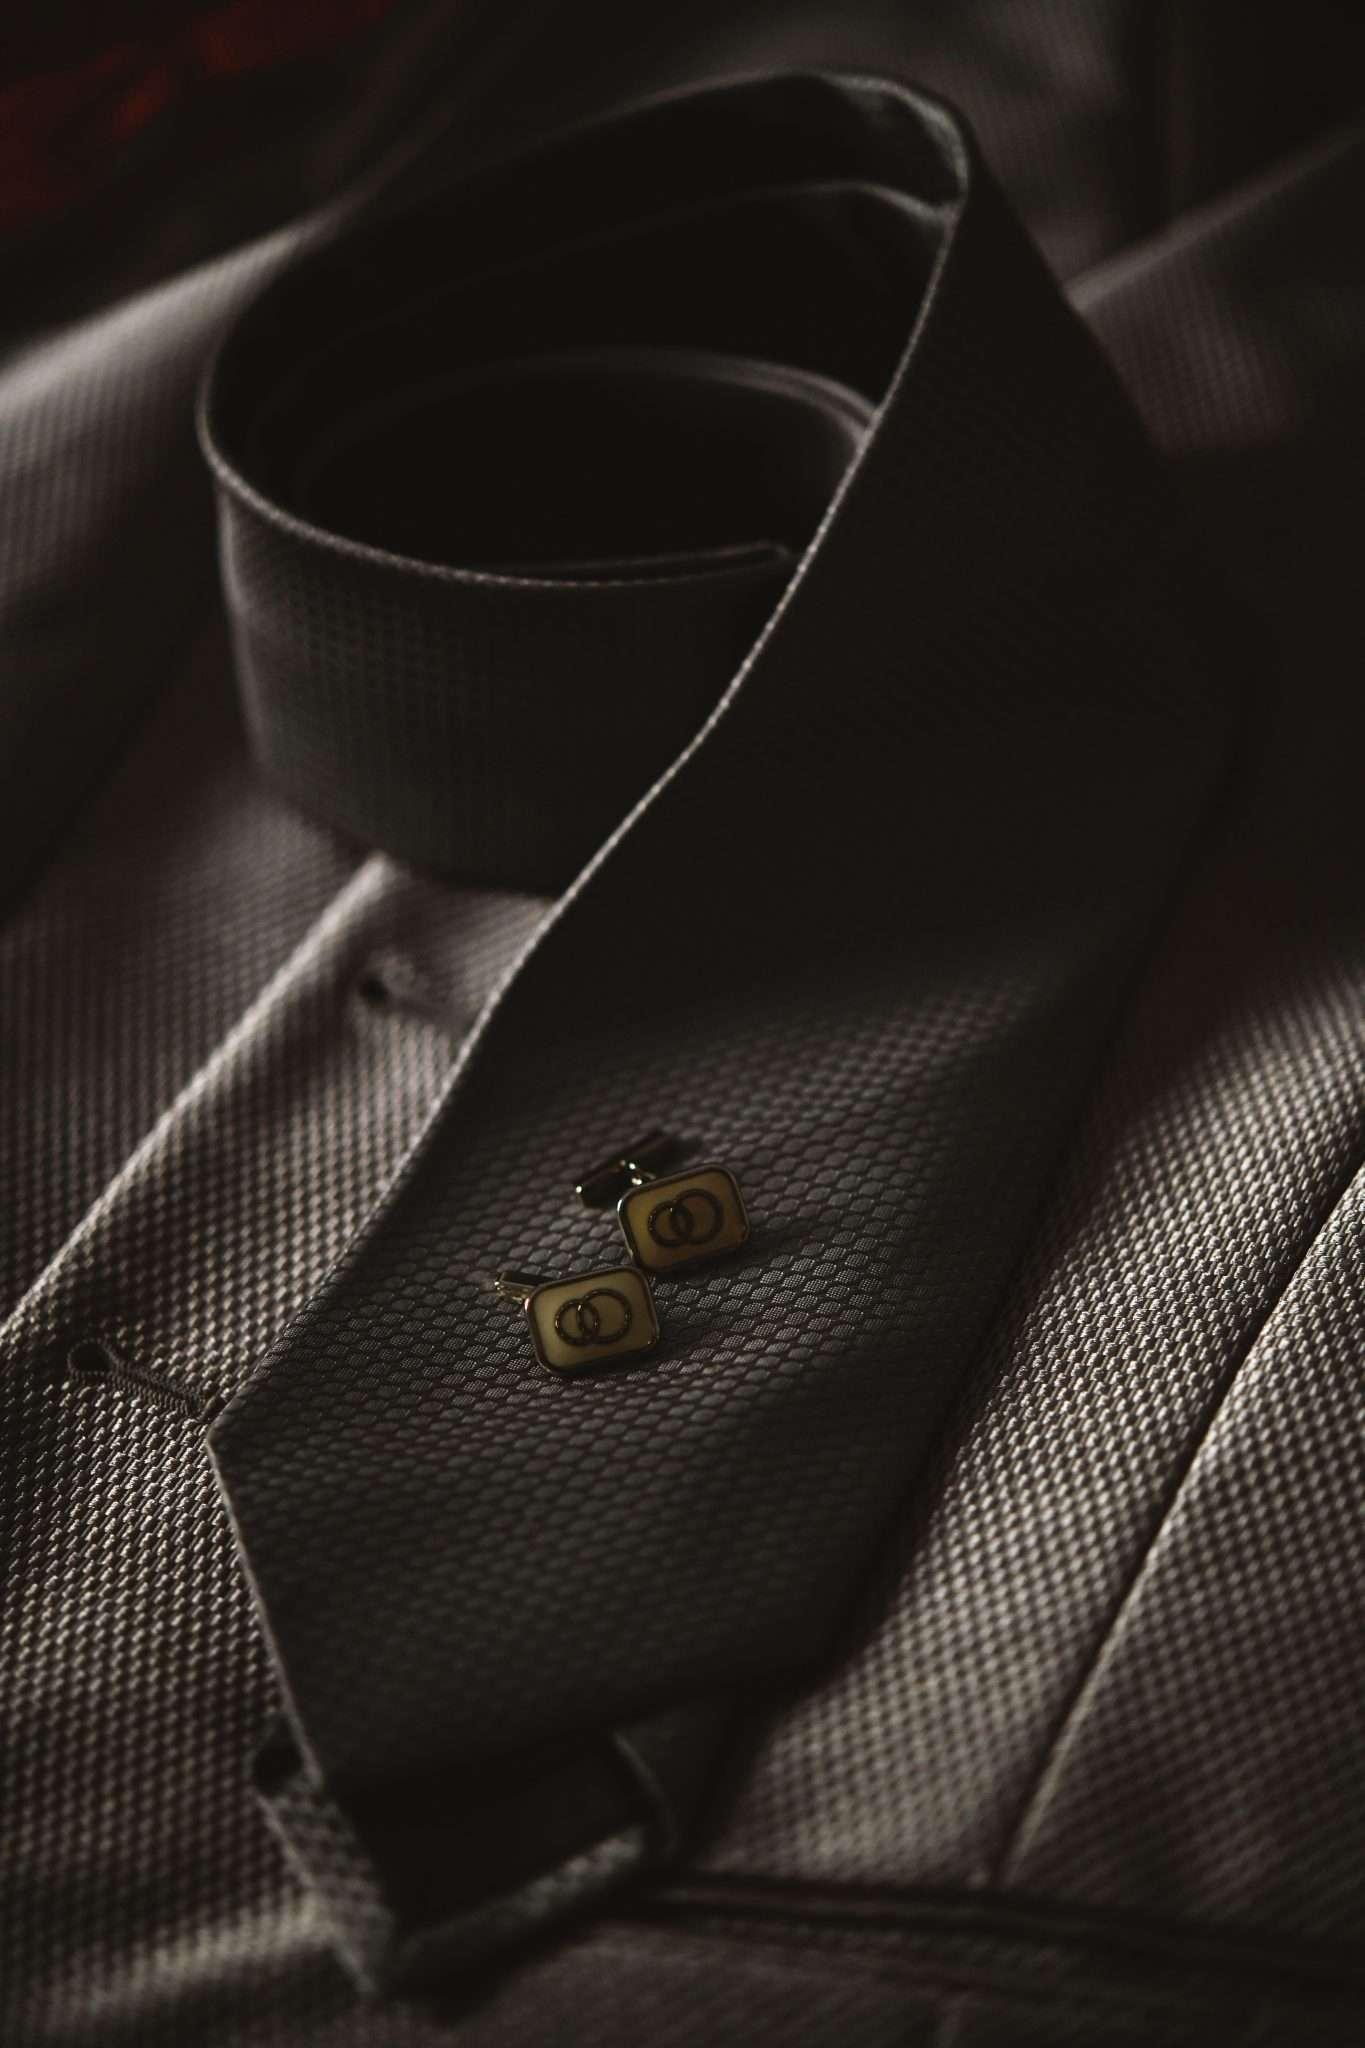 Foto still life cravatta matrimonio realizzata da Barbara Trincone fotografa con studio a Pozzuoli - Napoli